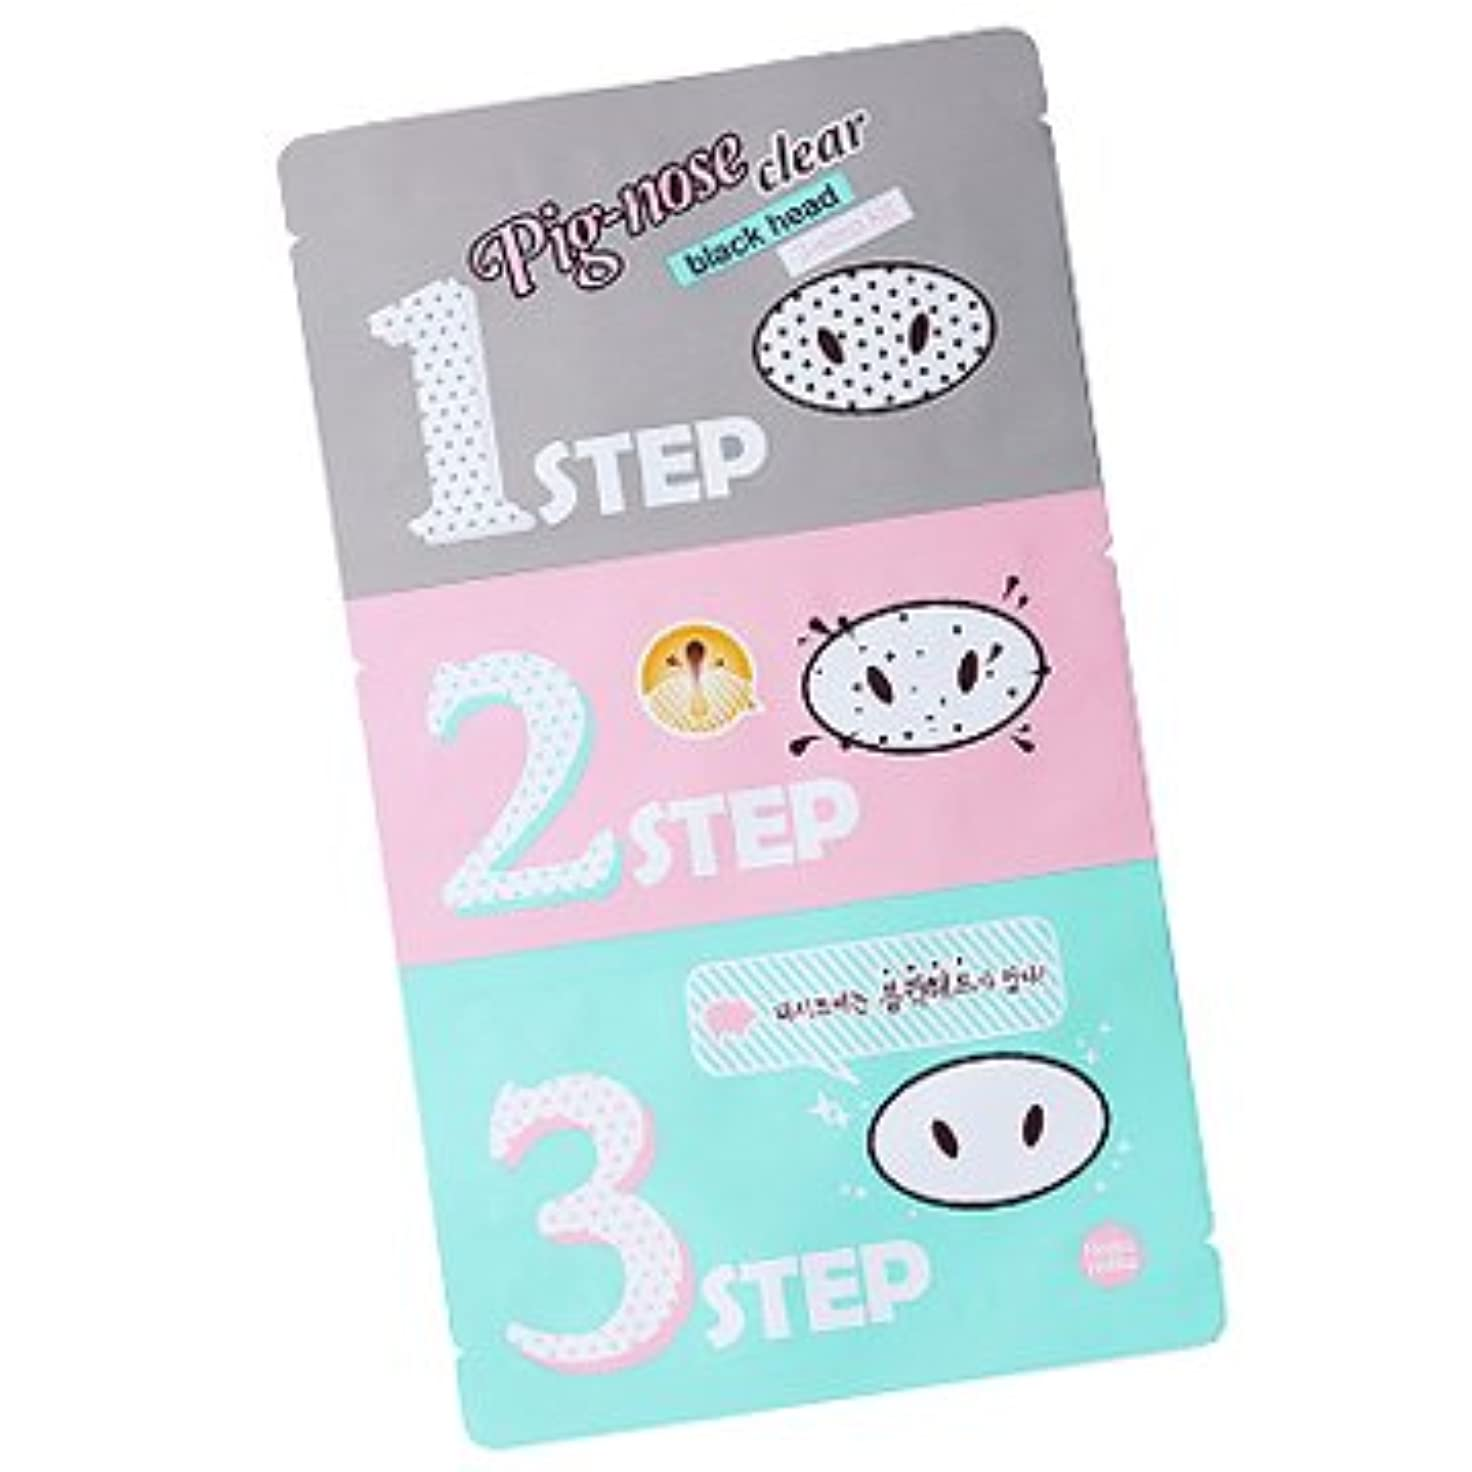 ゴージャスウサギ豚Holika Holika Pig Nose Clear Black Head 3-Step Kit 3EA (Nose Pack) ホリカホリカ ピグノーズクリアブラックヘッド3-Stepキット(鼻パック) 3pcs [並行輸入品]